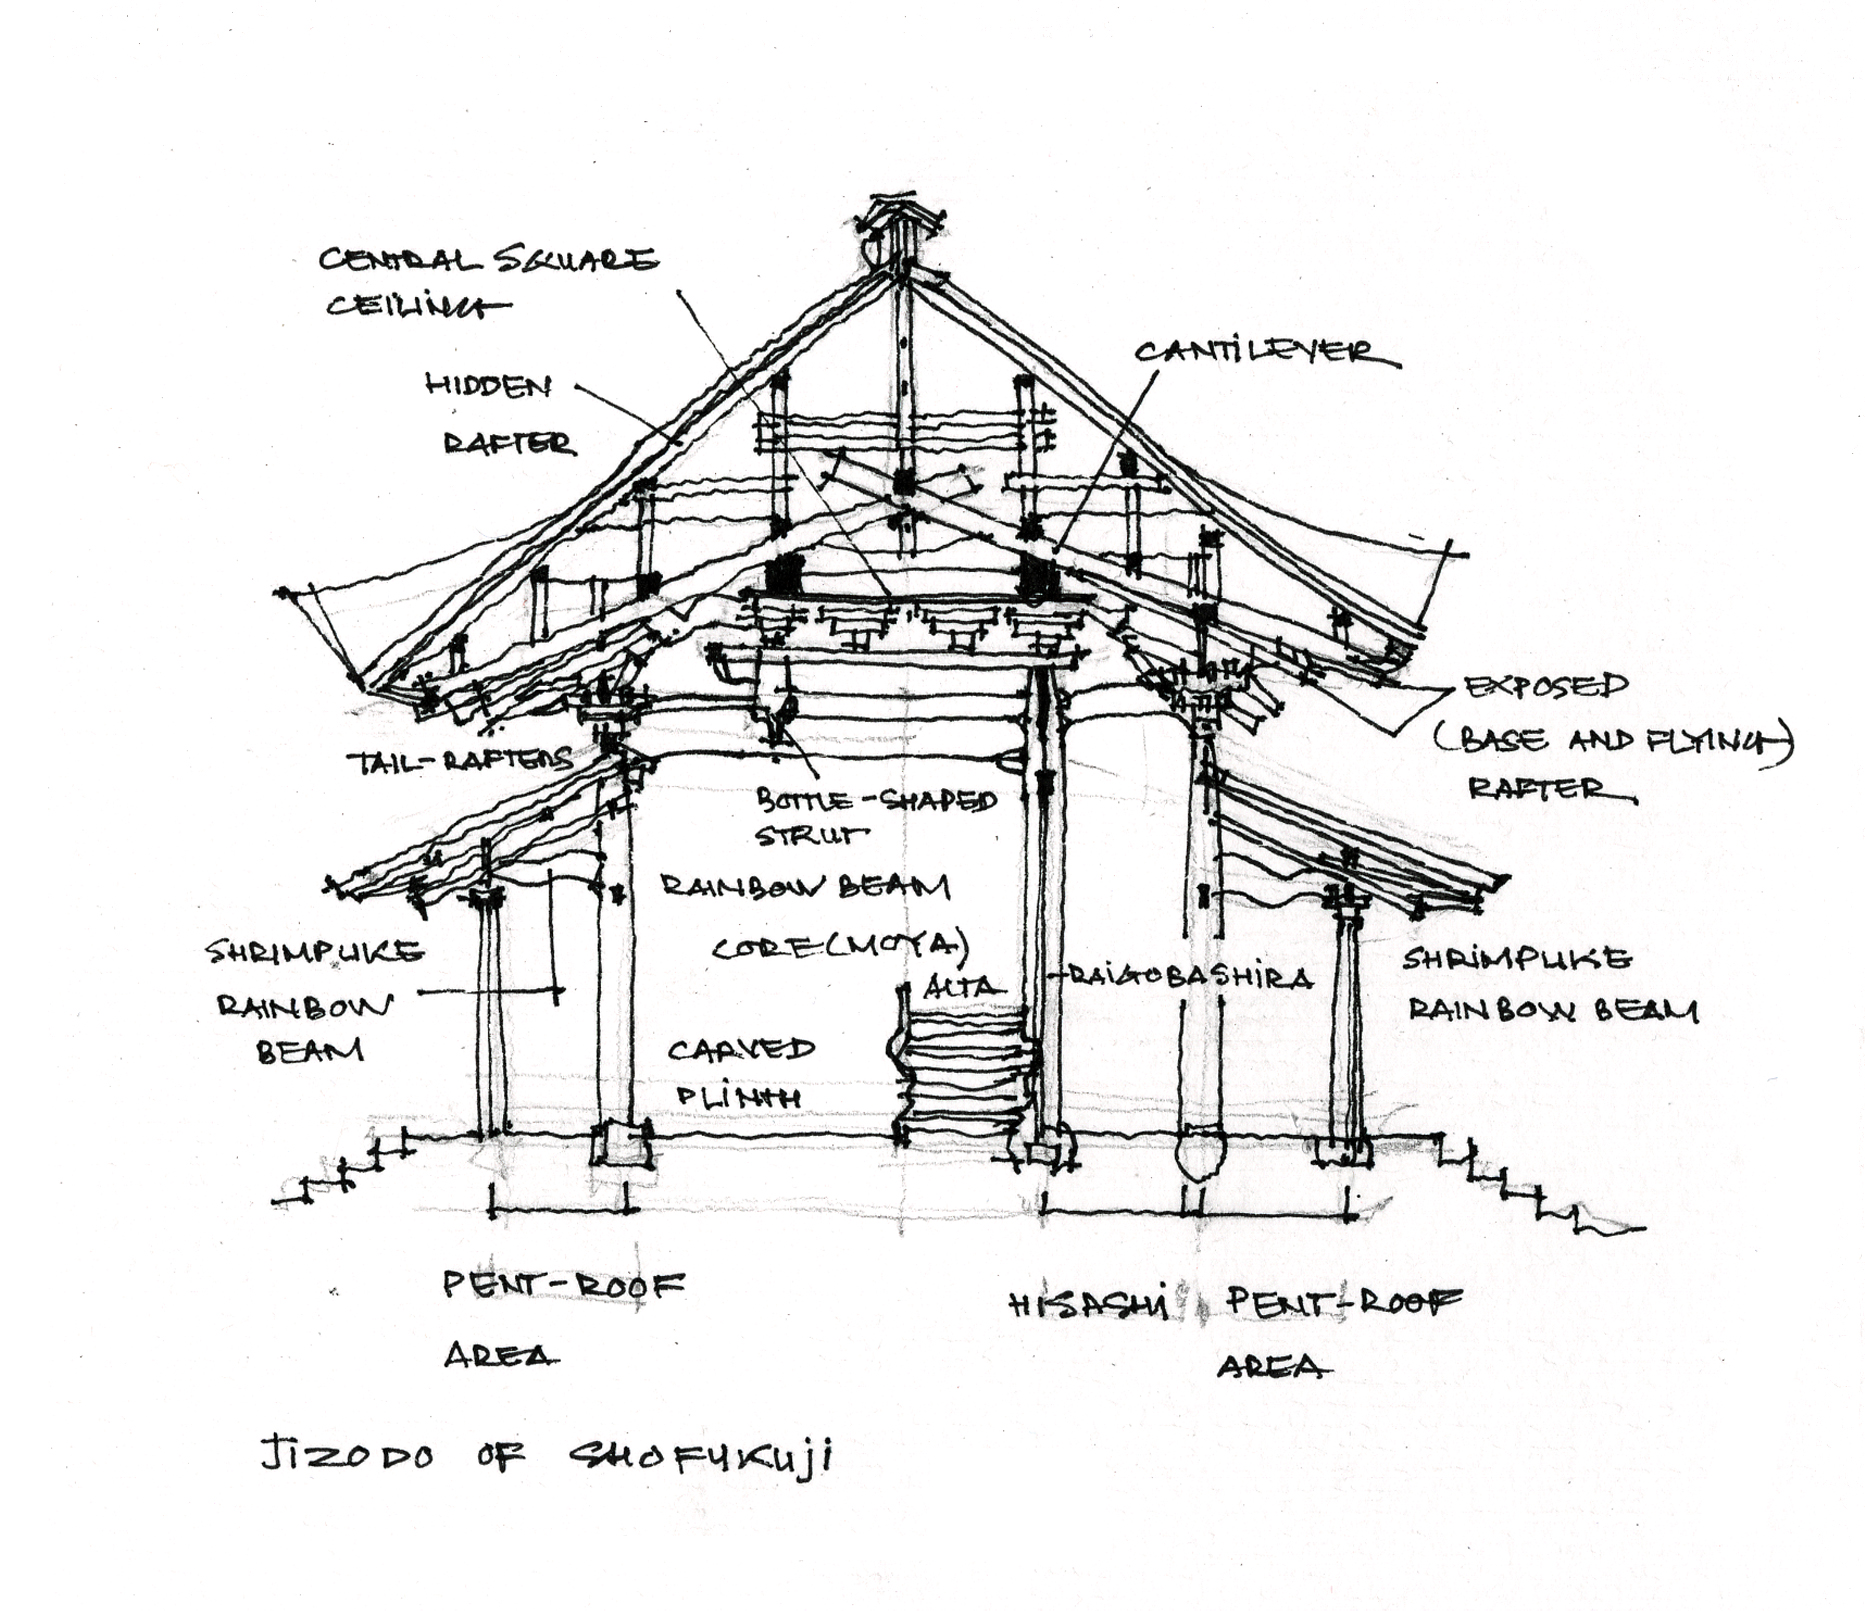 Structure in general - Khoa Vu.jpg